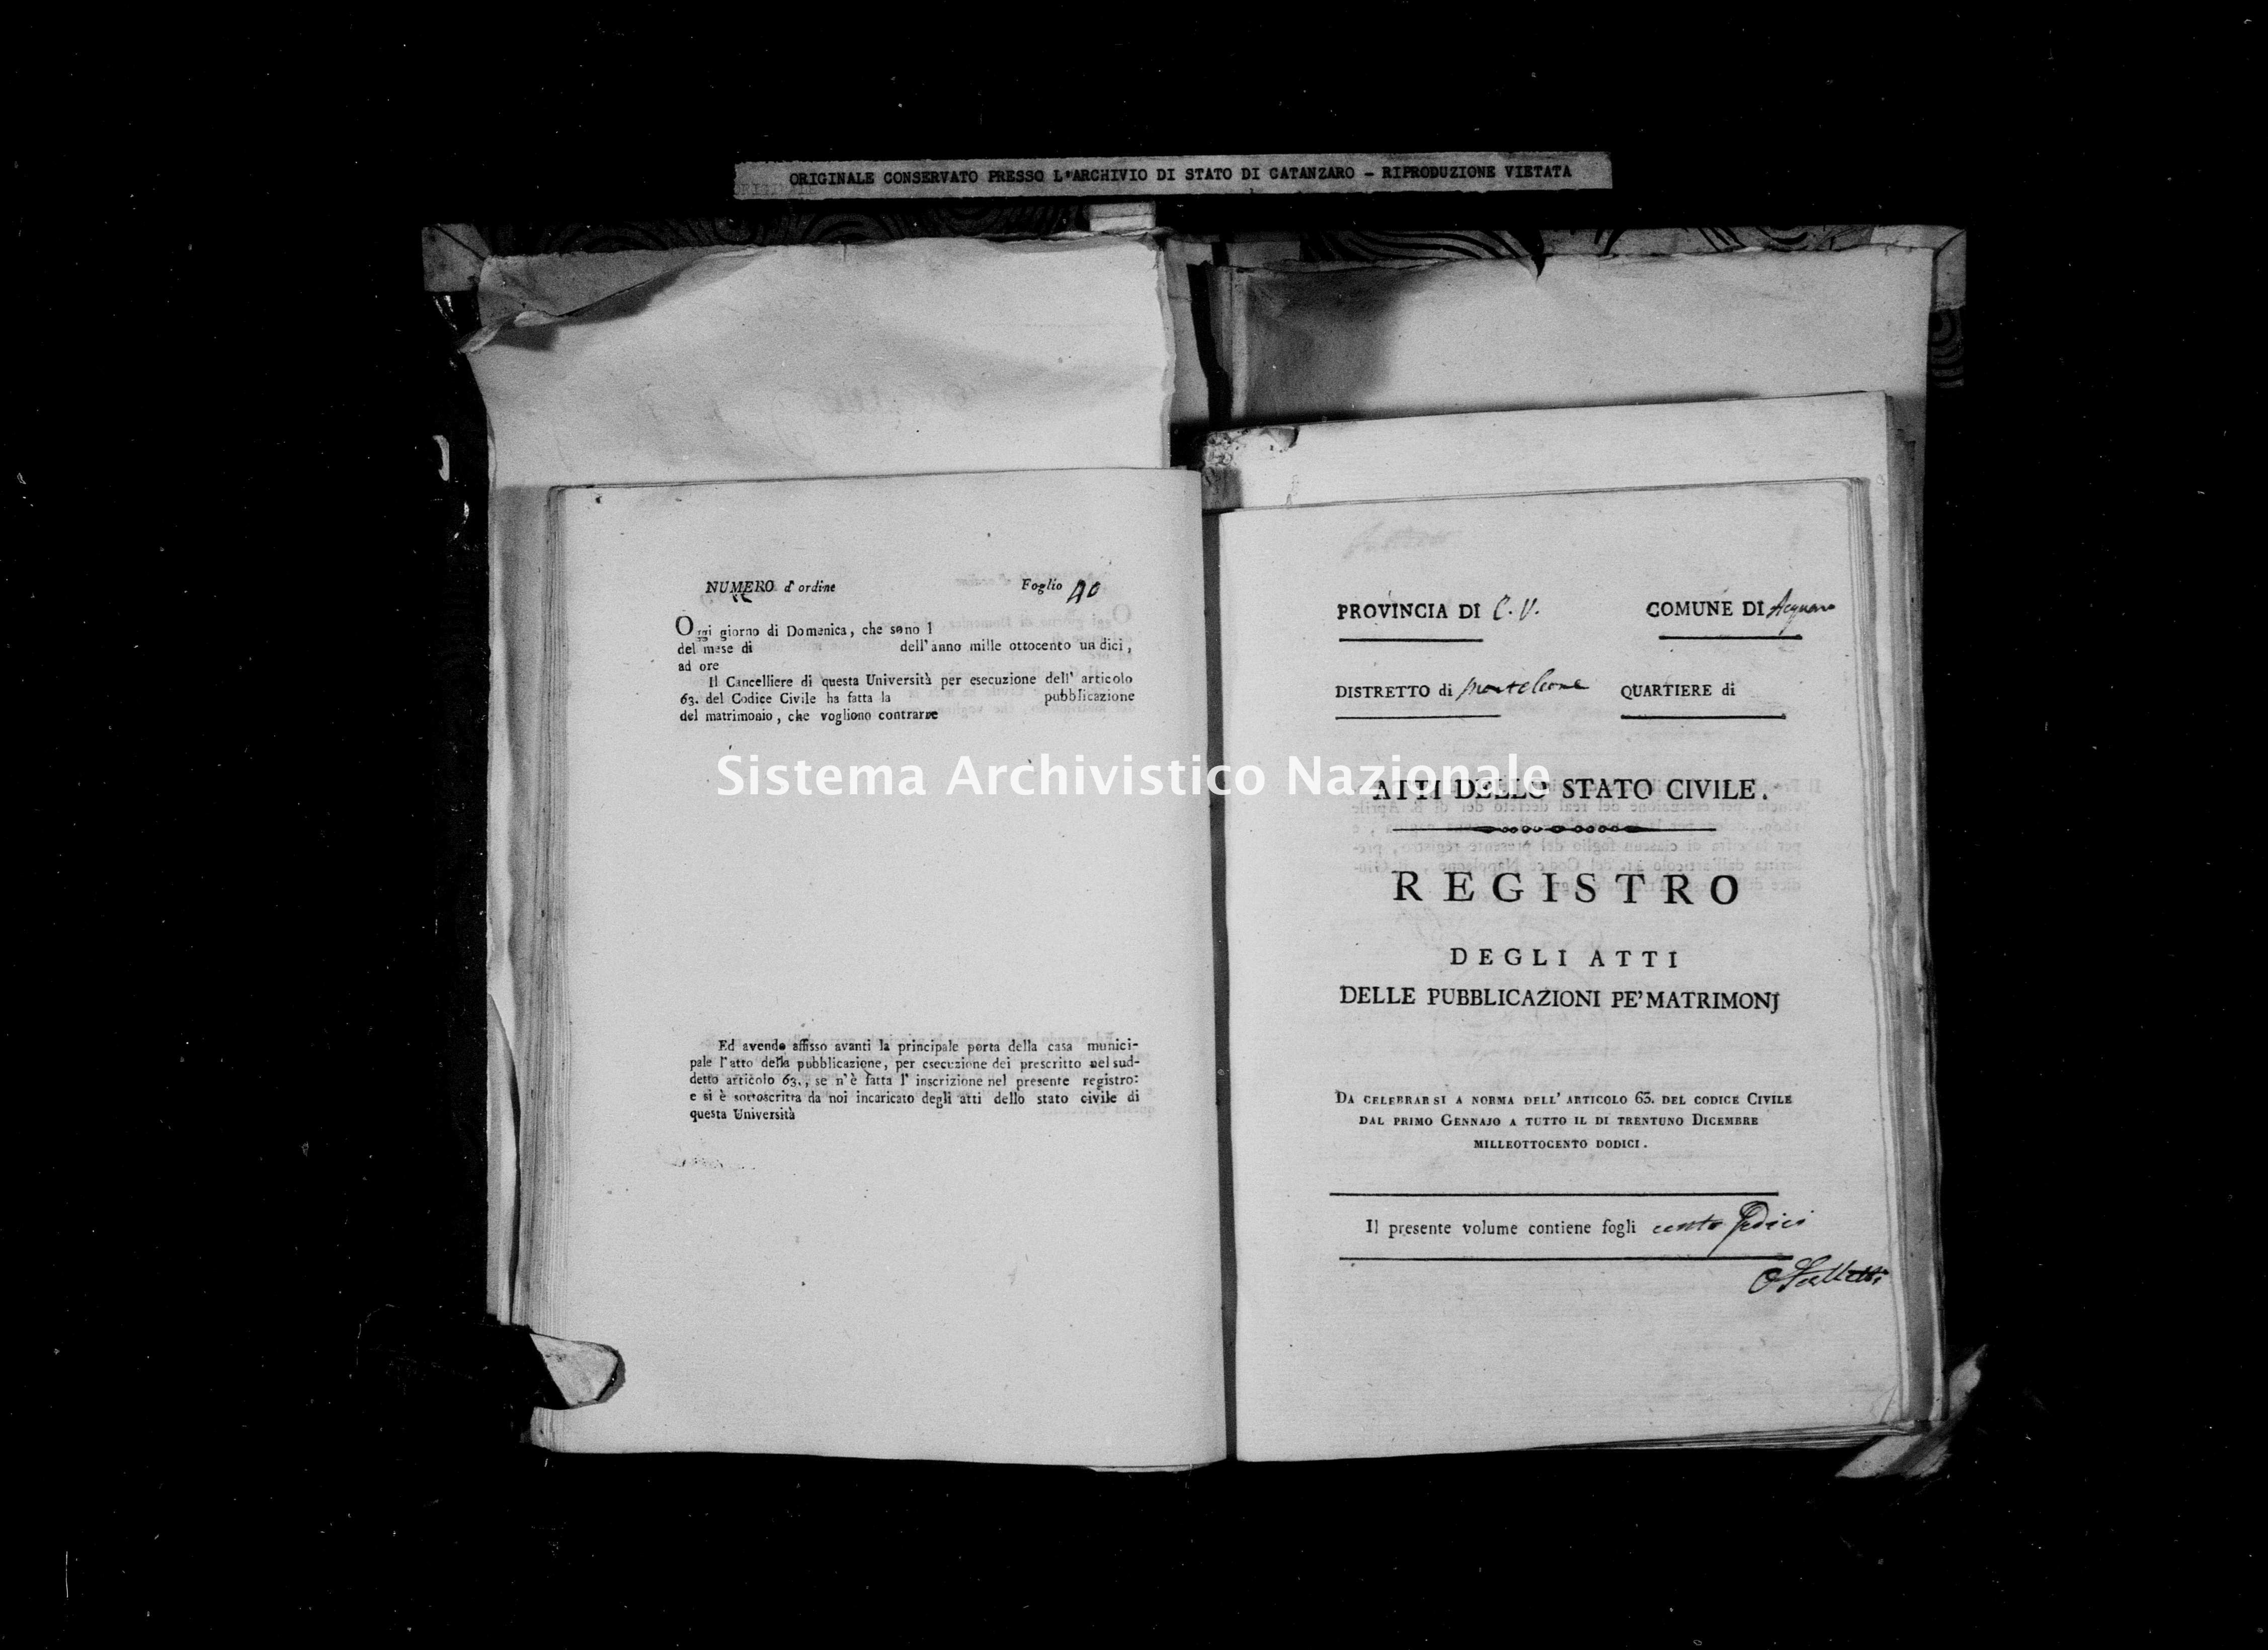 Archivio di stato di Catanzaro - Stato civile napoleonico - Acquaro - Matrimoni, pubblicazioni - 1812 -